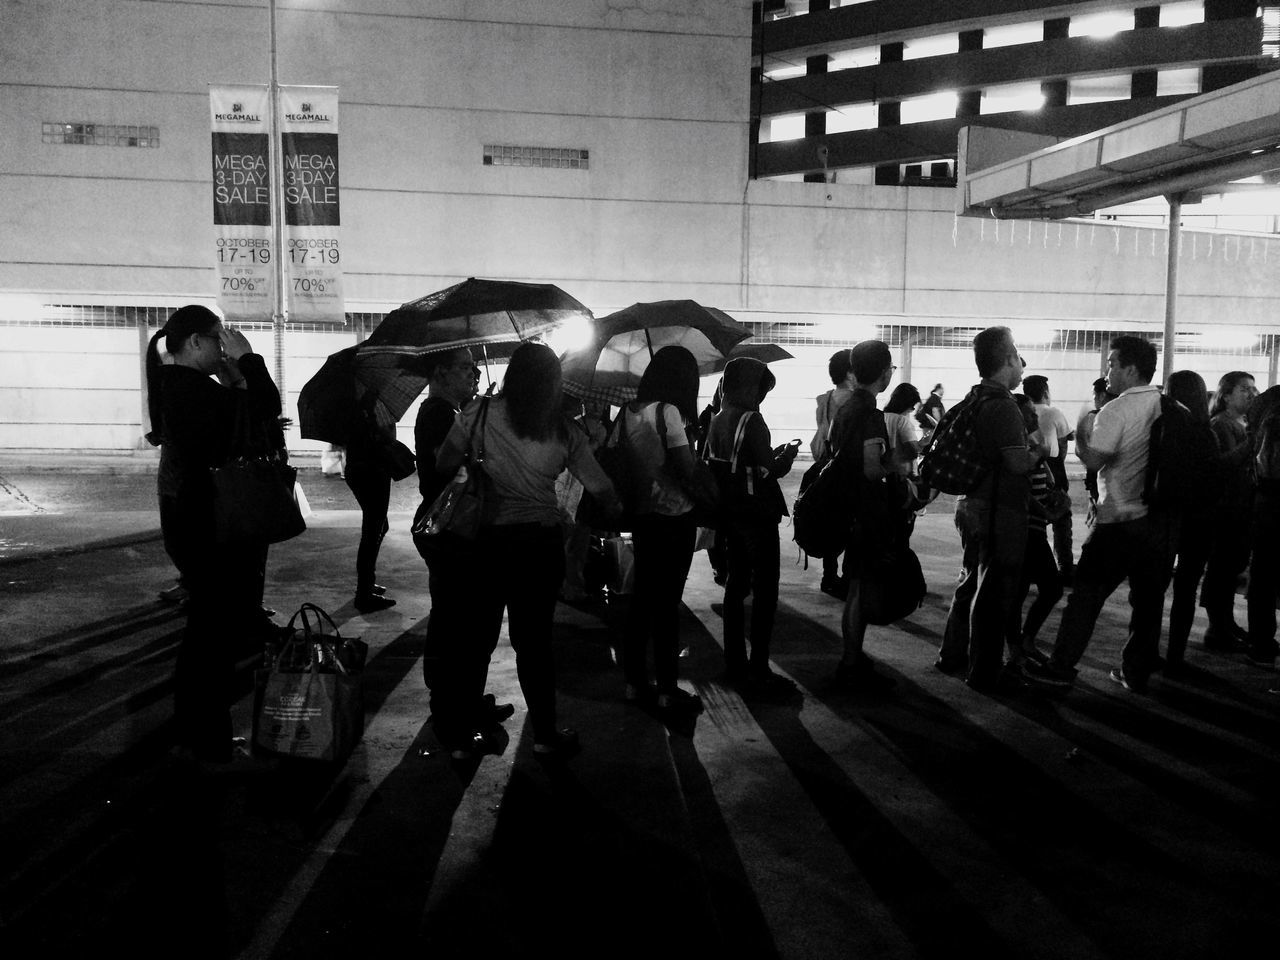 PEOPLE STANDING ON TILED FLOOR IN CORRIDOR